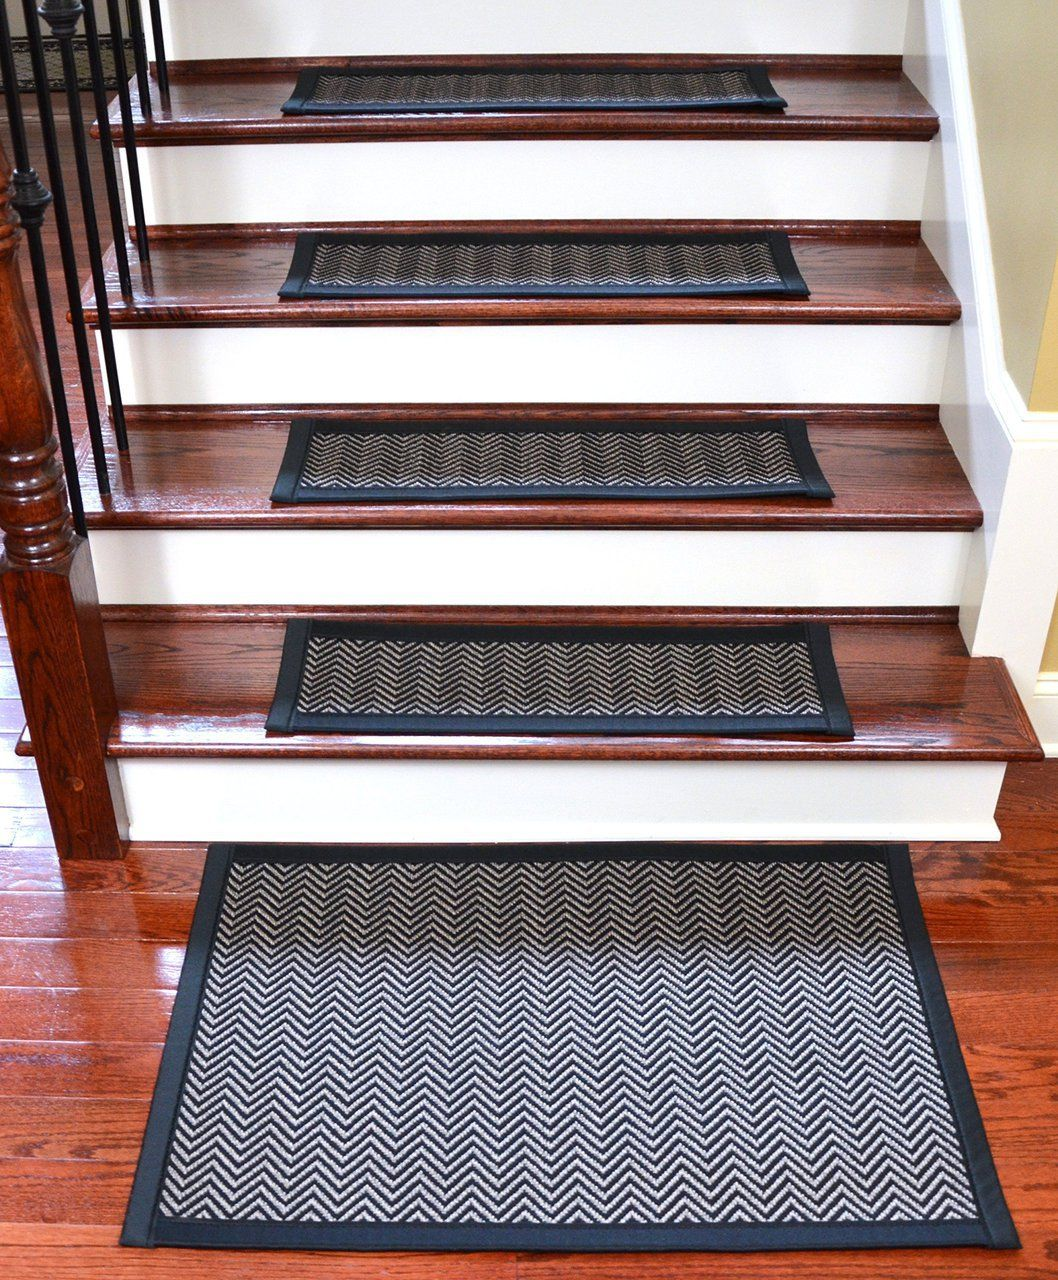 Dean Flooring Company Has 29X9 Chevron Black Hatteras Flatweave | Outdoor Carpet Stair Treads | Stair Runner | Rug | Stair Nosing | Slip Resistant | Flooring